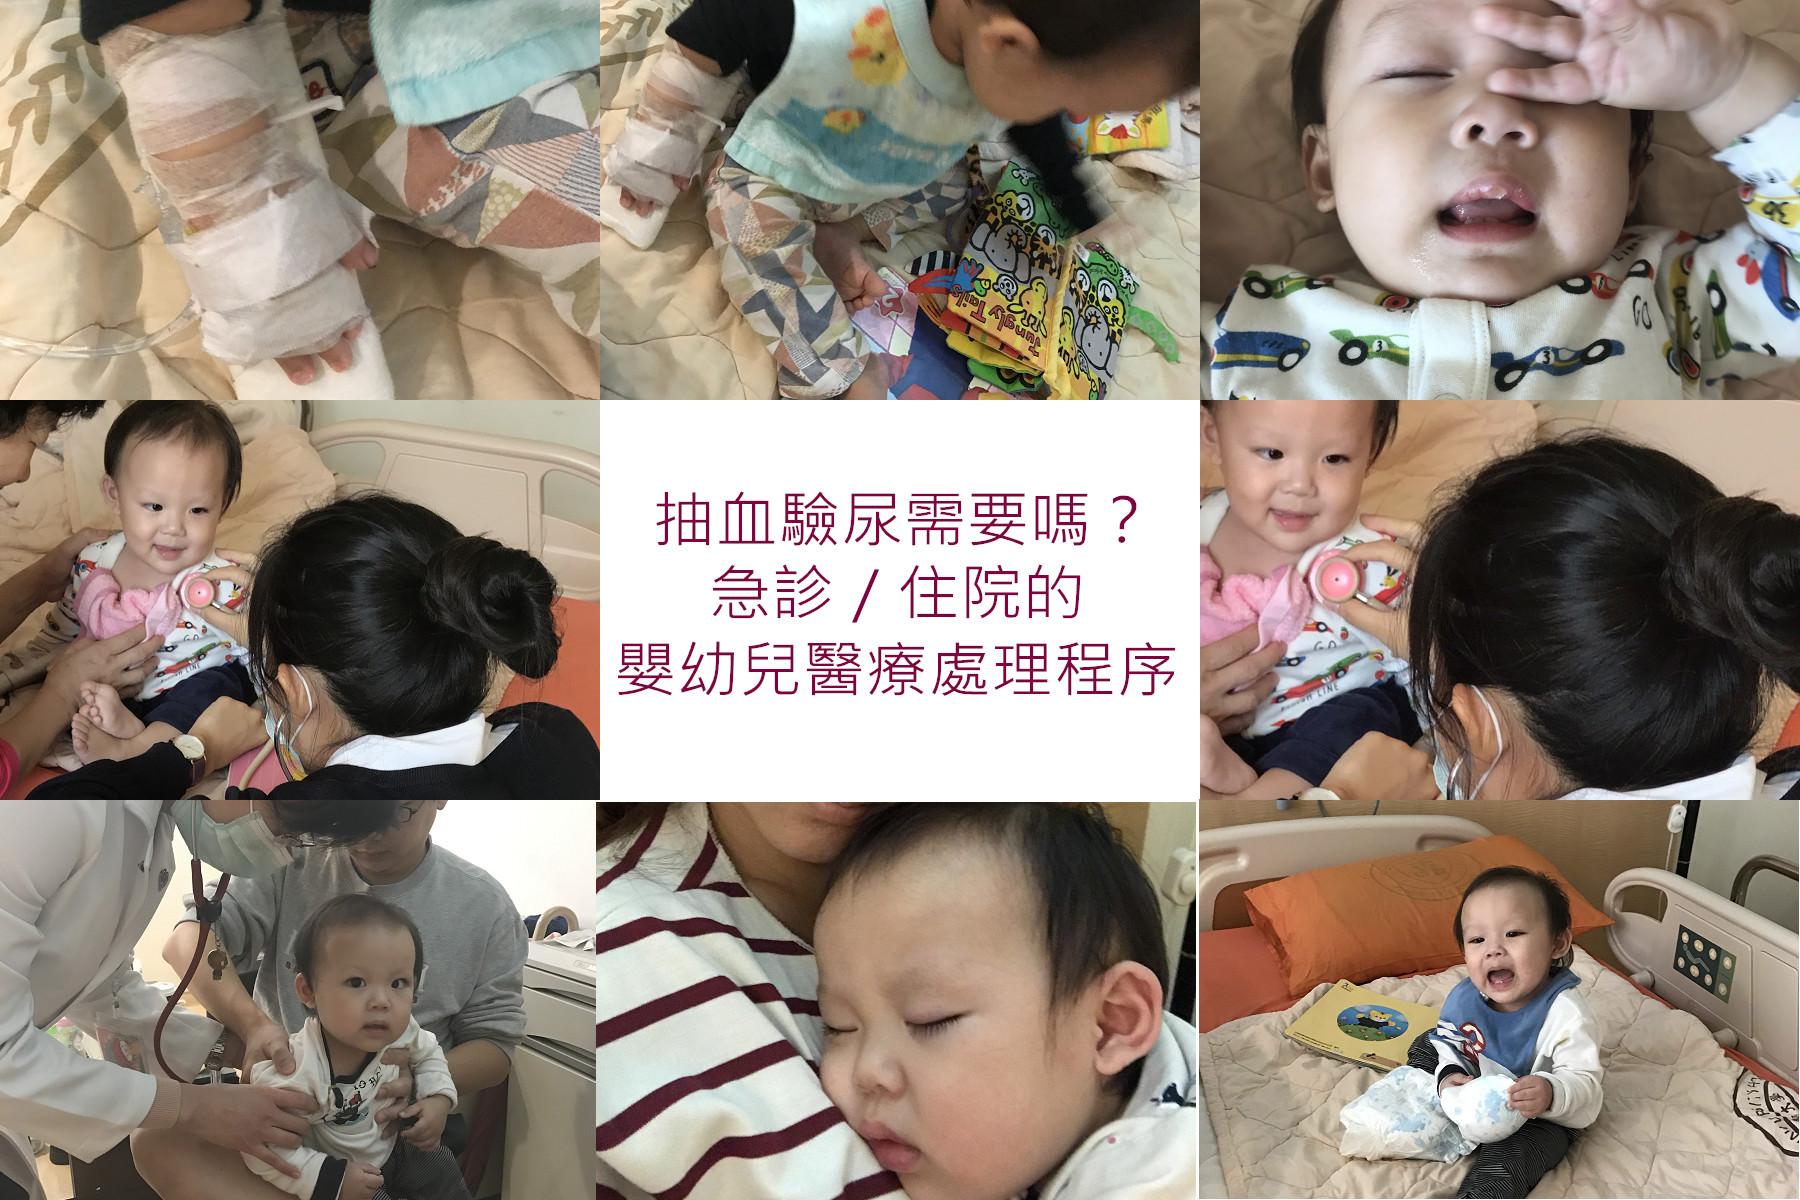 抽血驗尿需要嗎?急診/住院的嬰幼兒醫療處理程序